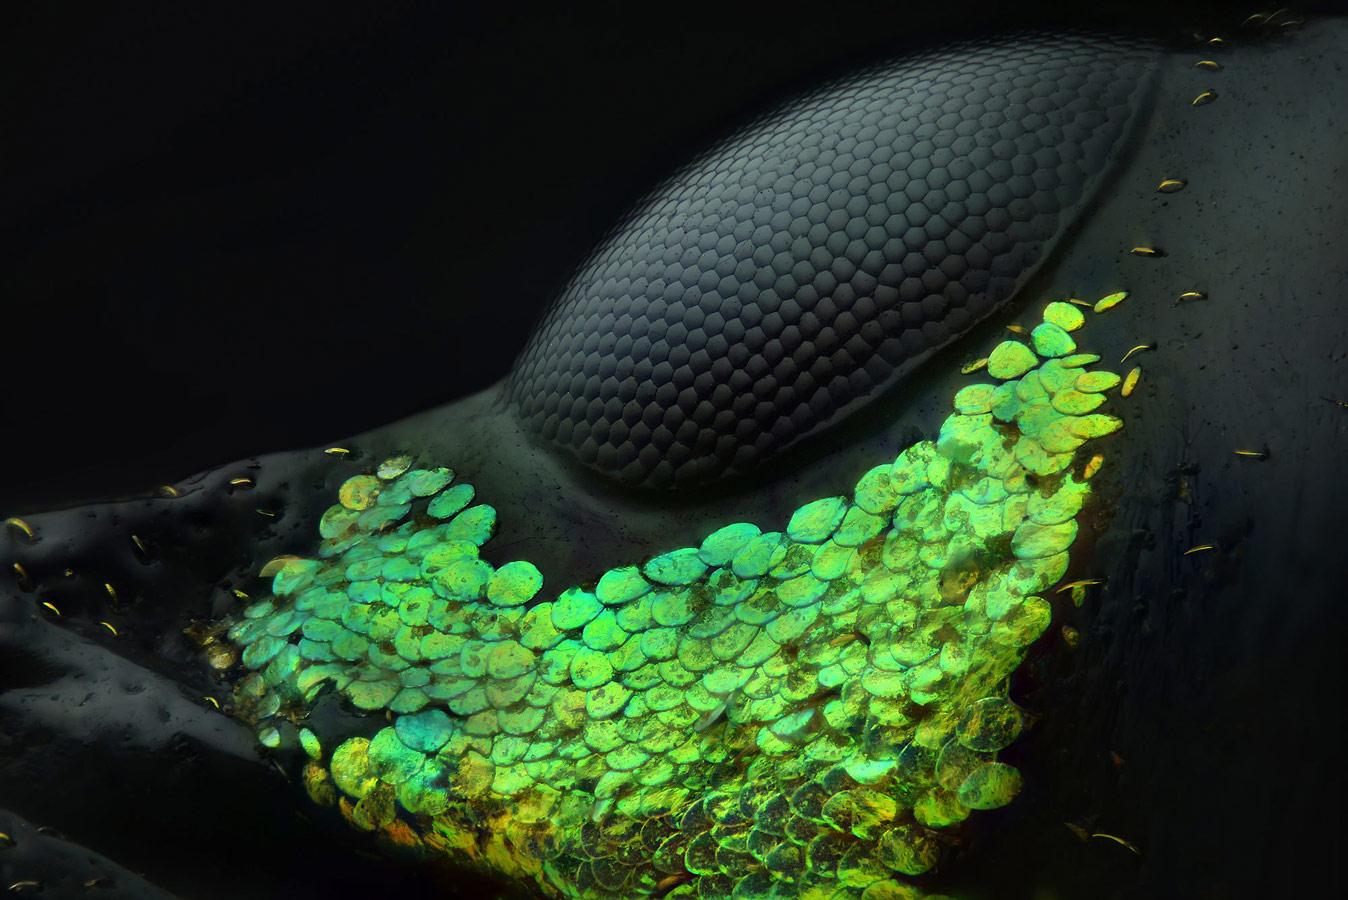 Глаз жука Metapocyrtus subquadrulifer, © Юсеф Аль-Хабши, Абу-Даби, Объединенные Арабские Эмираты, 1 место, Фотоконкурс Nikon Small World